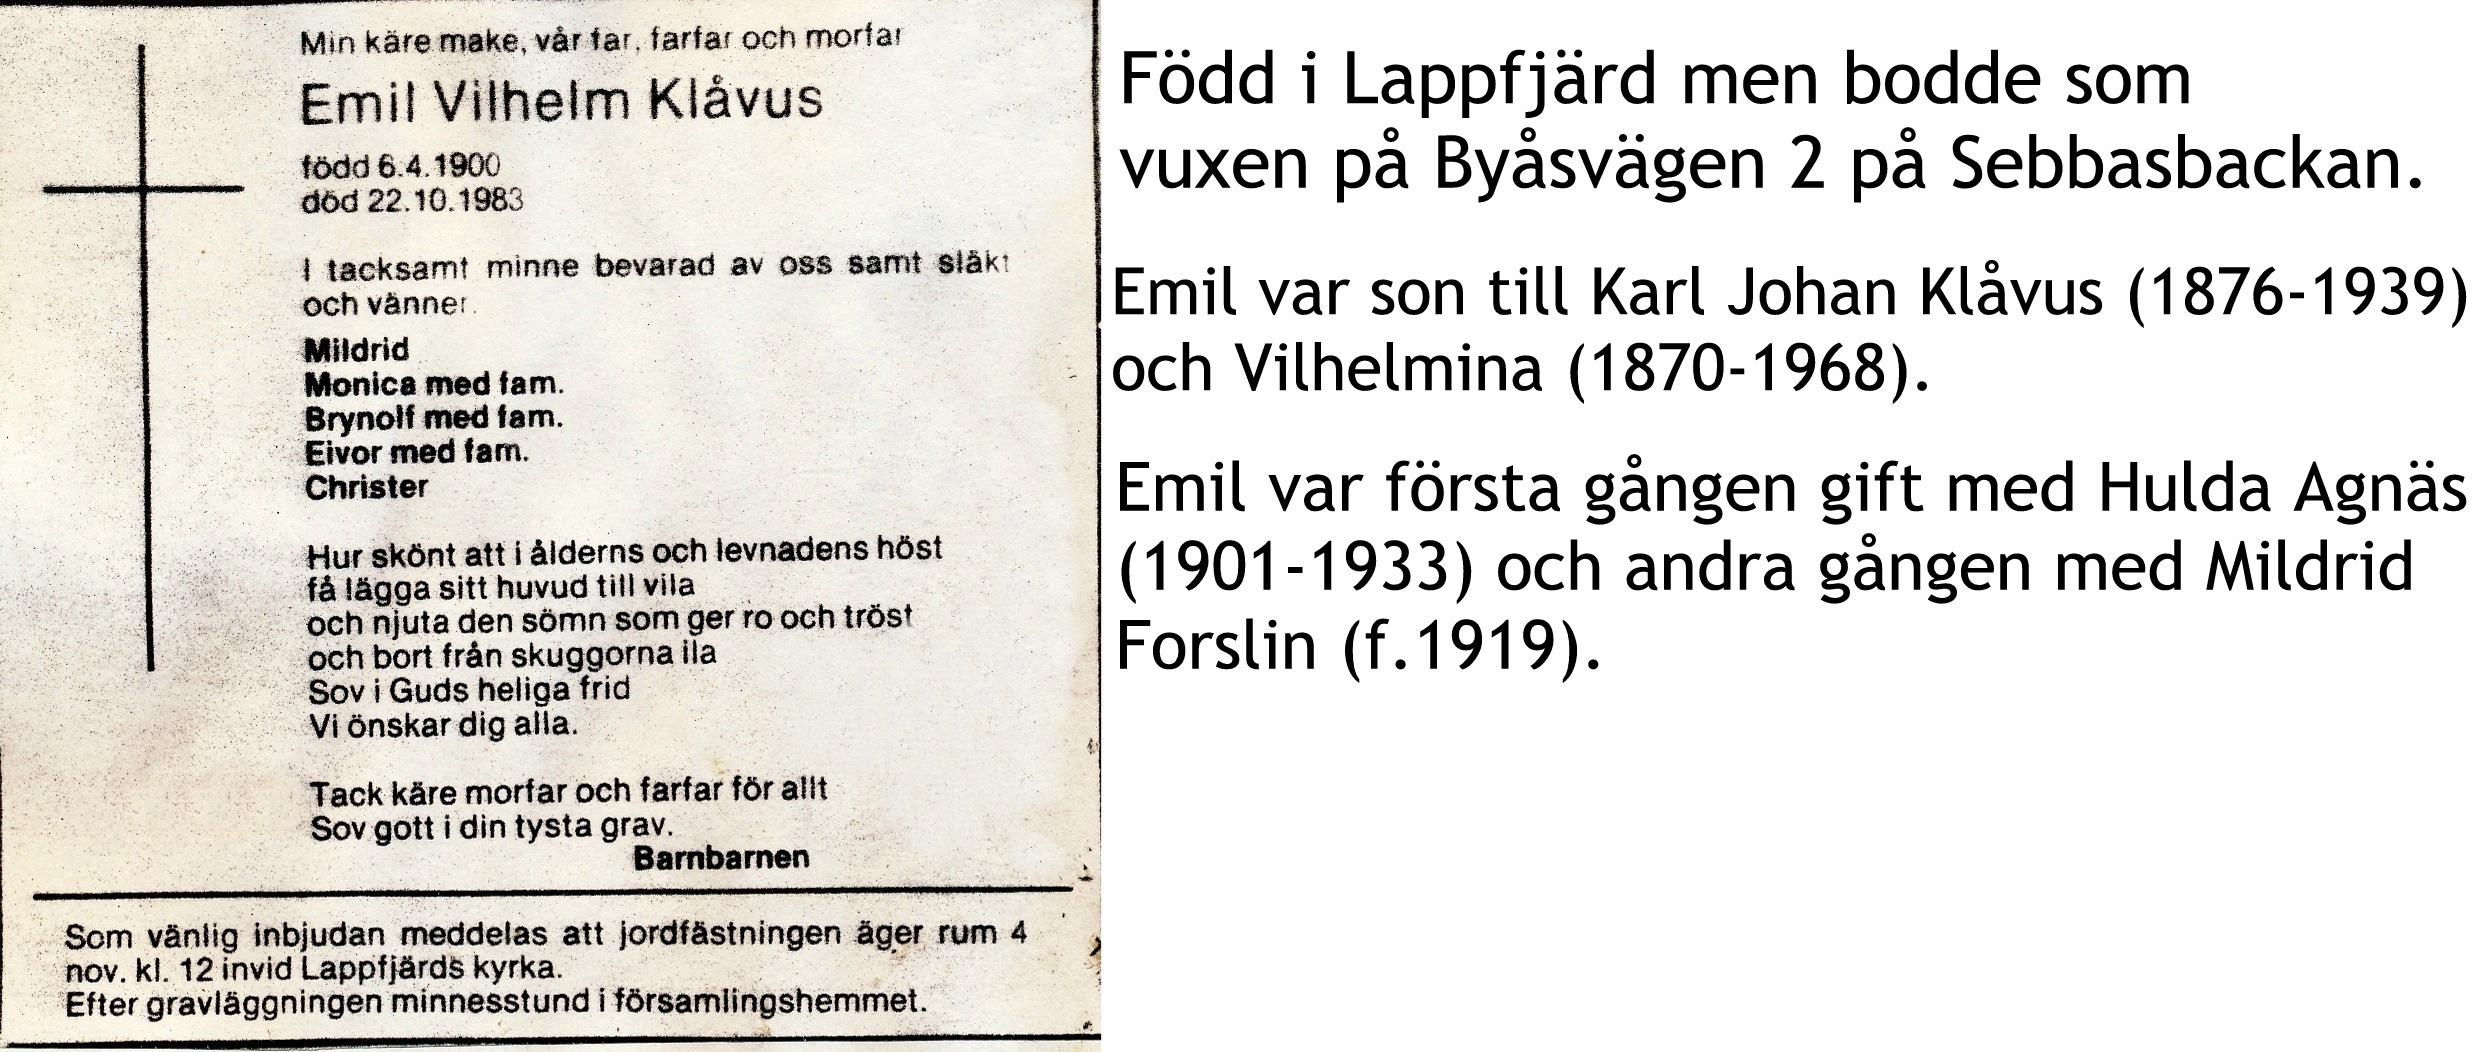 Klåvus EMIL